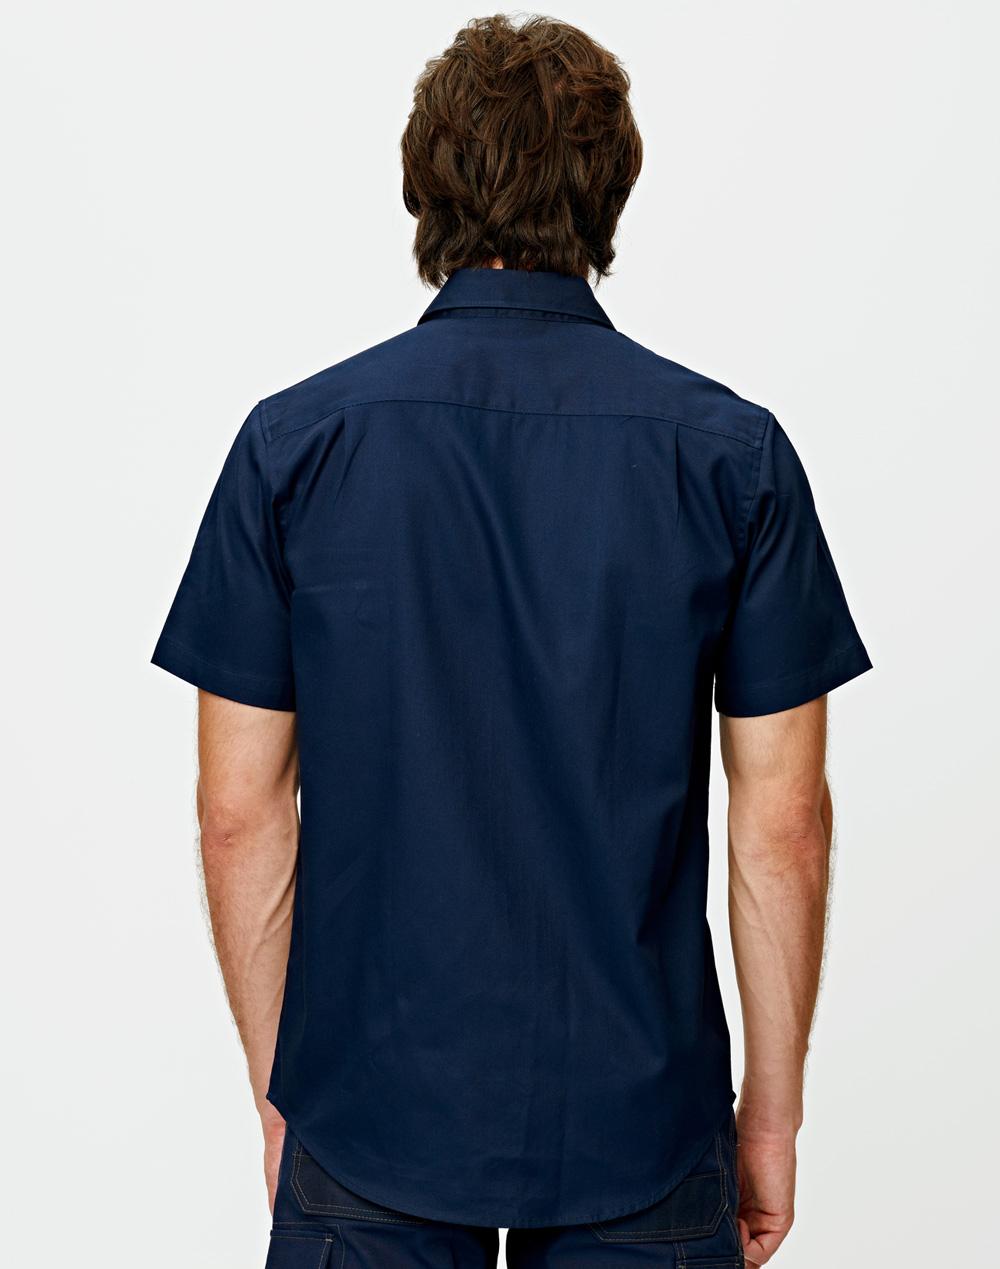 WT03 Cotton Drill Short Sleeve Work Shirt